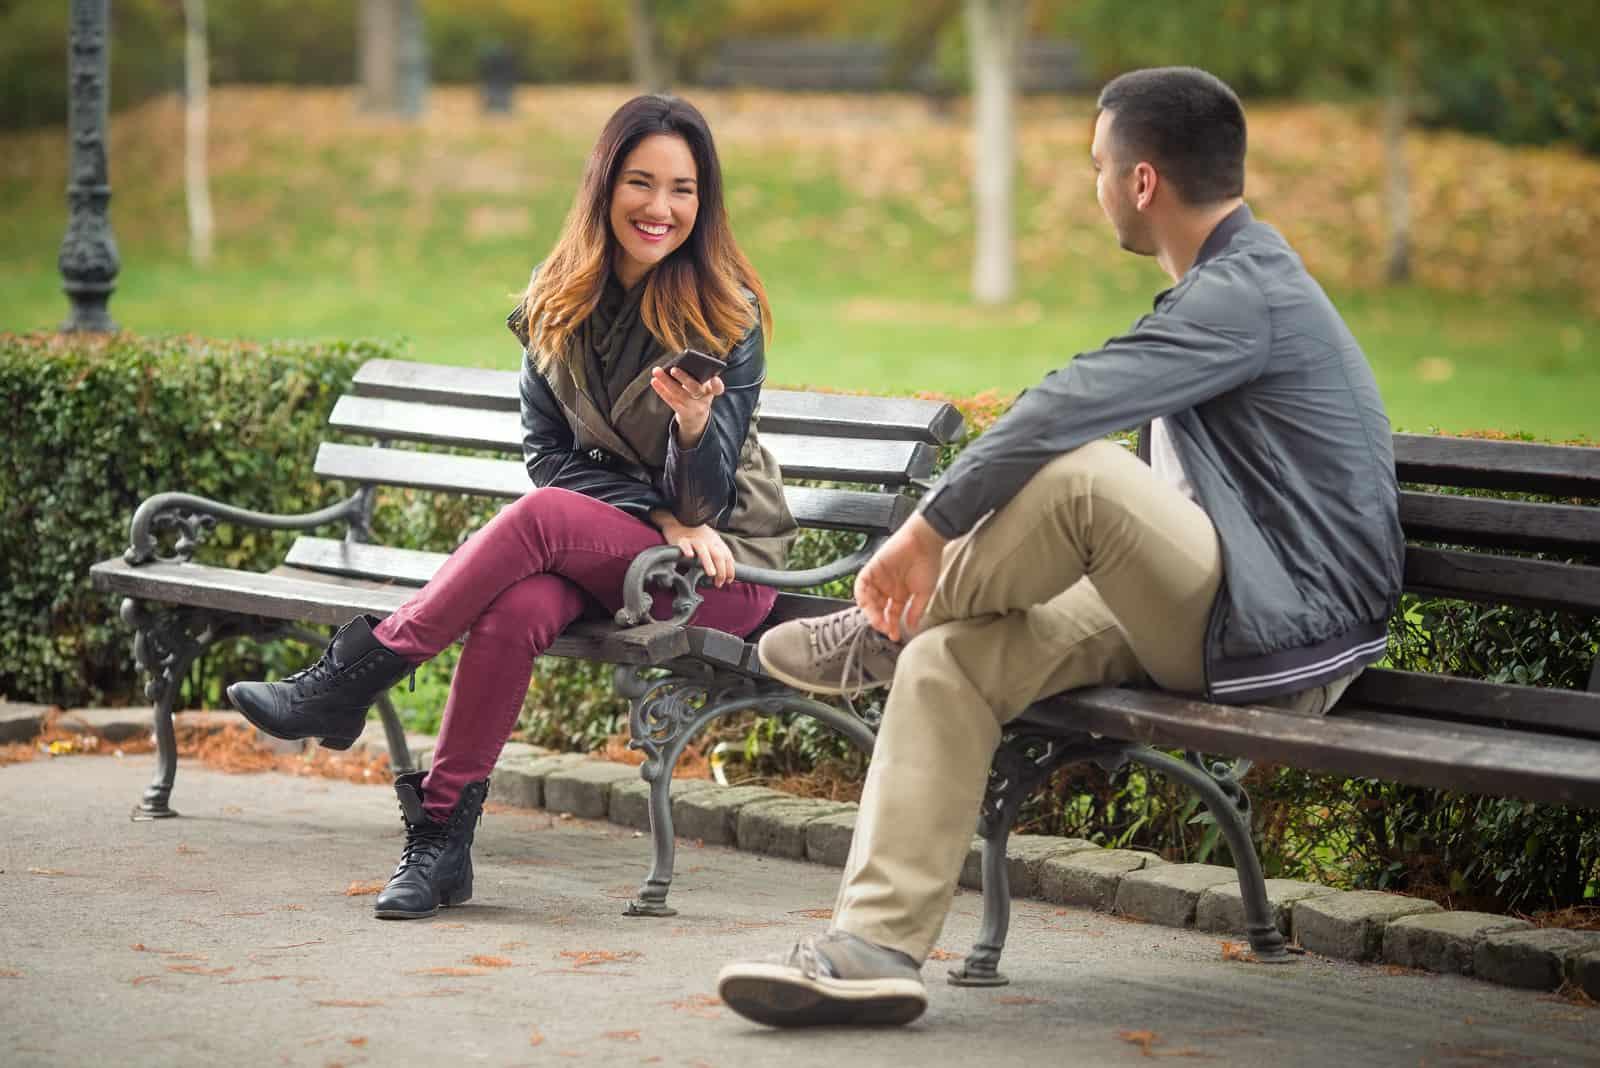 un homme et une femme sont assis sur un banc et parlent